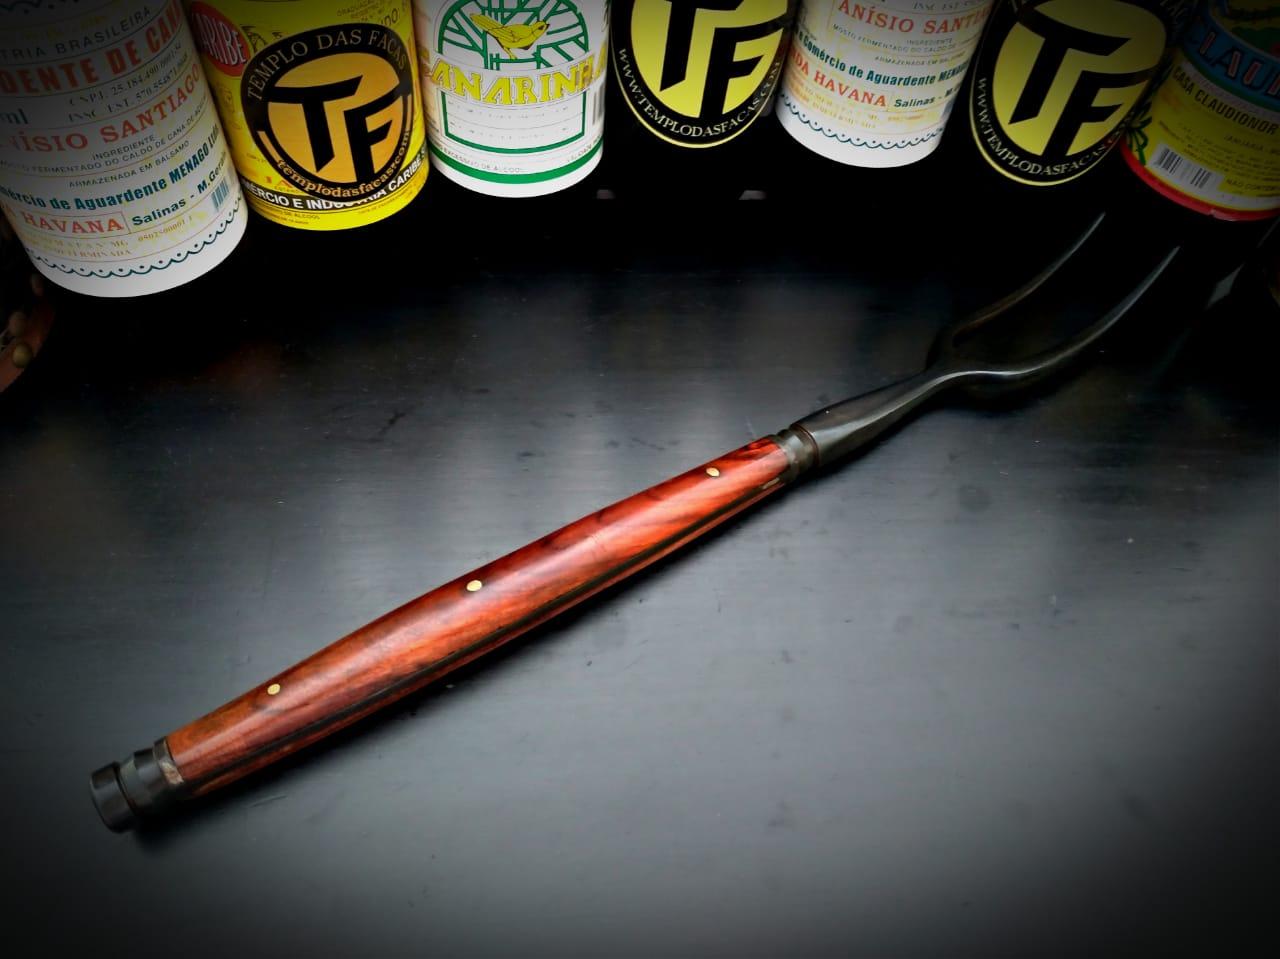 Garfo forjado em aço artesanal costela de ouro  17 polegadas